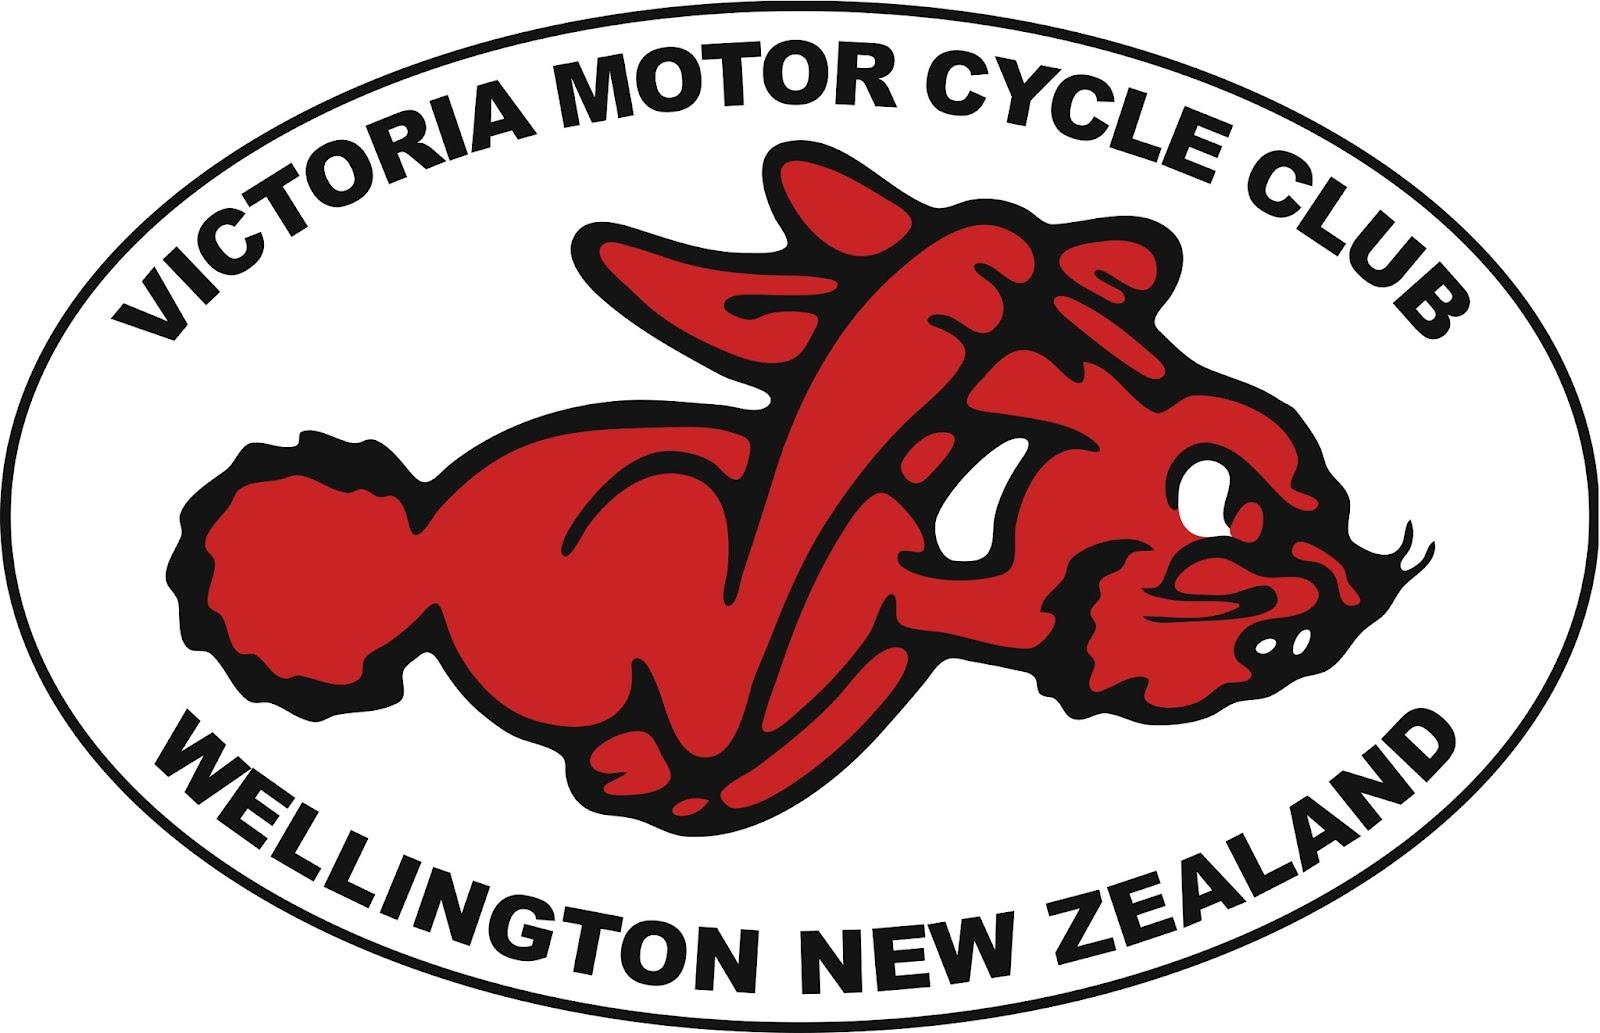 vmcc logo.jpg